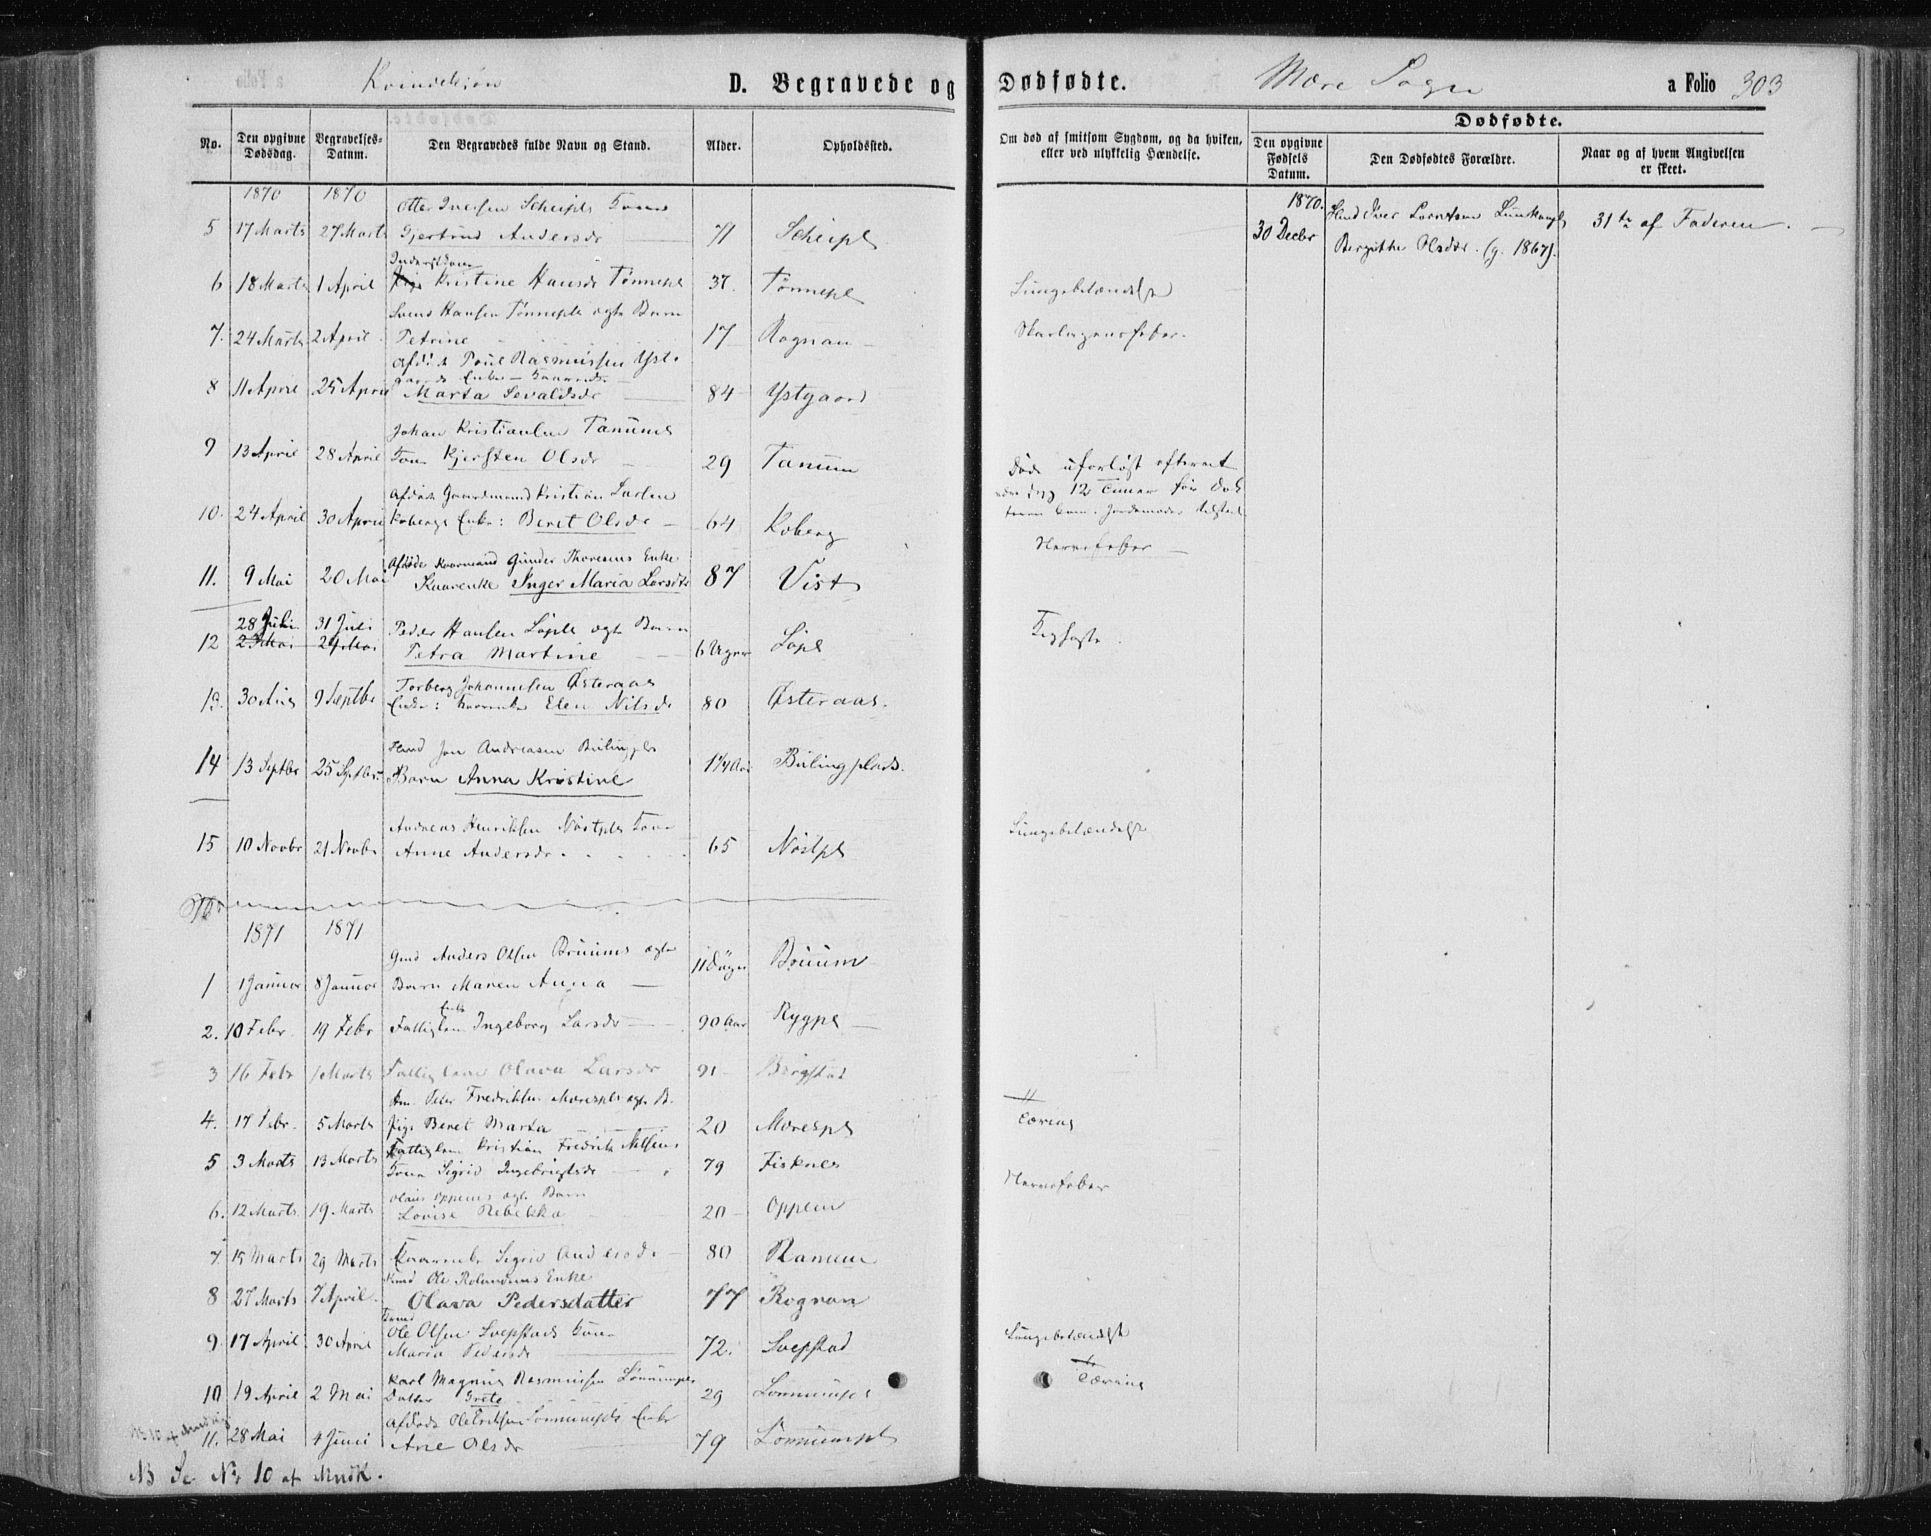 SAT, Ministerialprotokoller, klokkerbøker og fødselsregistre - Nord-Trøndelag, 735/L0345: Ministerialbok nr. 735A08 /1, 1863-1872, s. 303